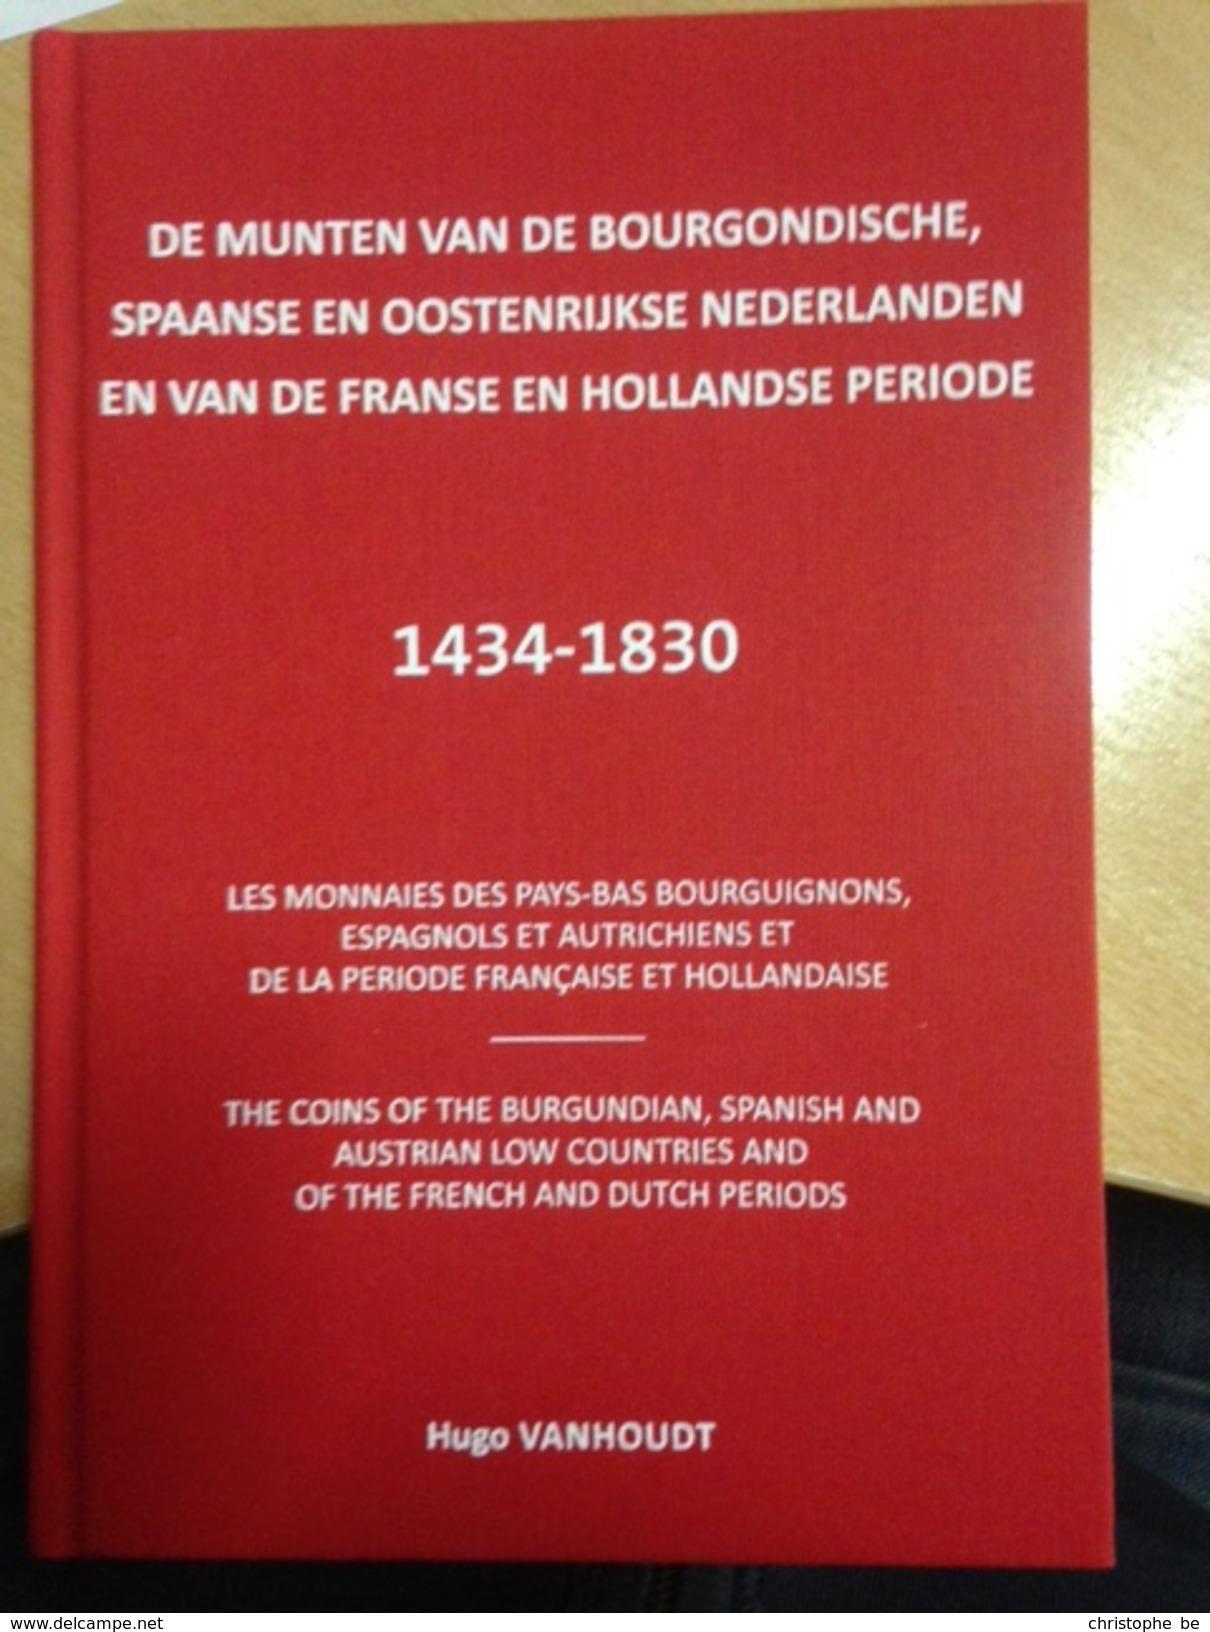 MUNTEN VAN BOURGONDISCHE, SPAANSE OOSTENRIJKSE NEDERLANDEN 1434 1830, Vanhoudt Hugo - Praktisch